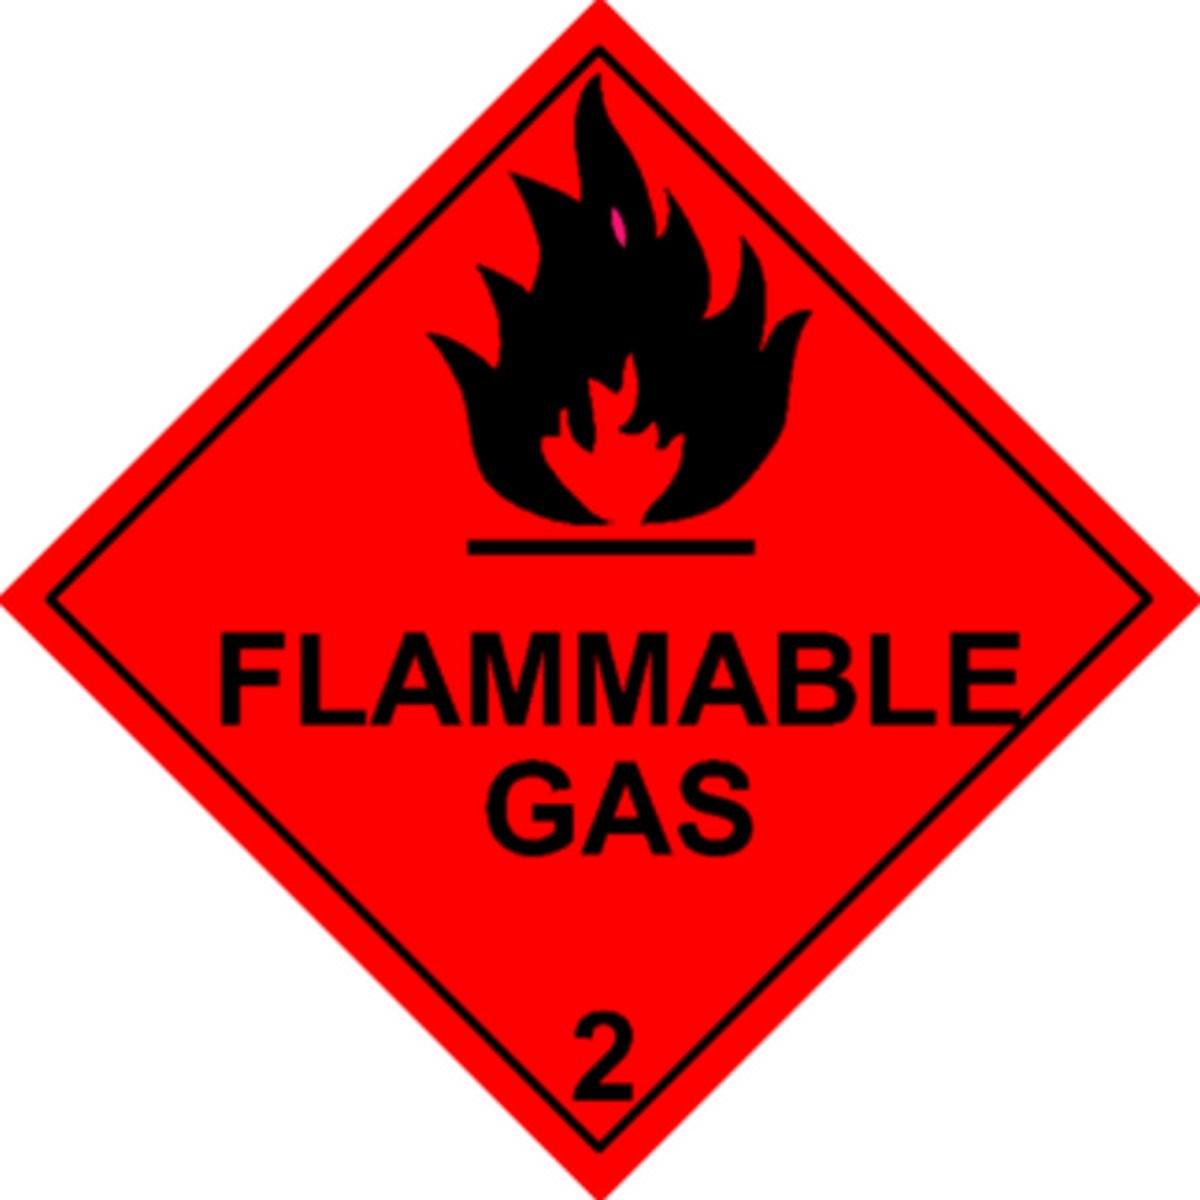 Etiquette Flammable Gas Classe 2 en anglais